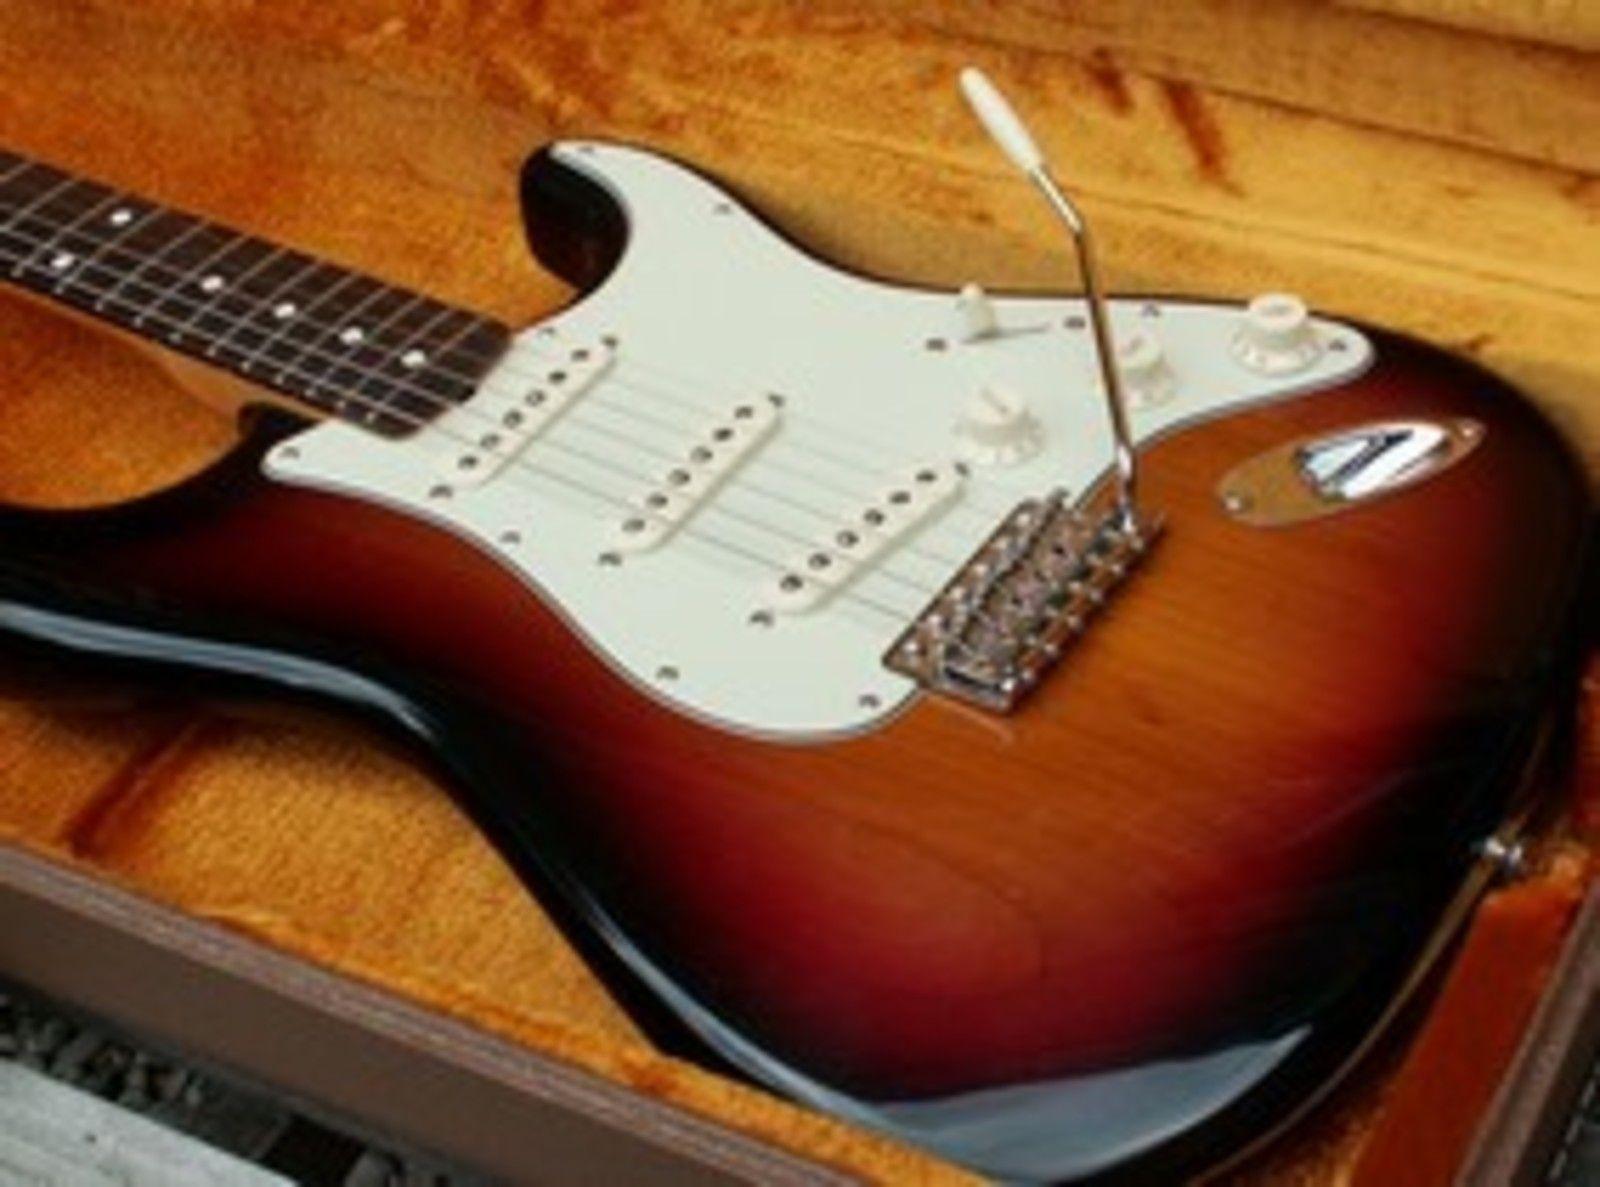 Fender vintage hot rod 62 strat